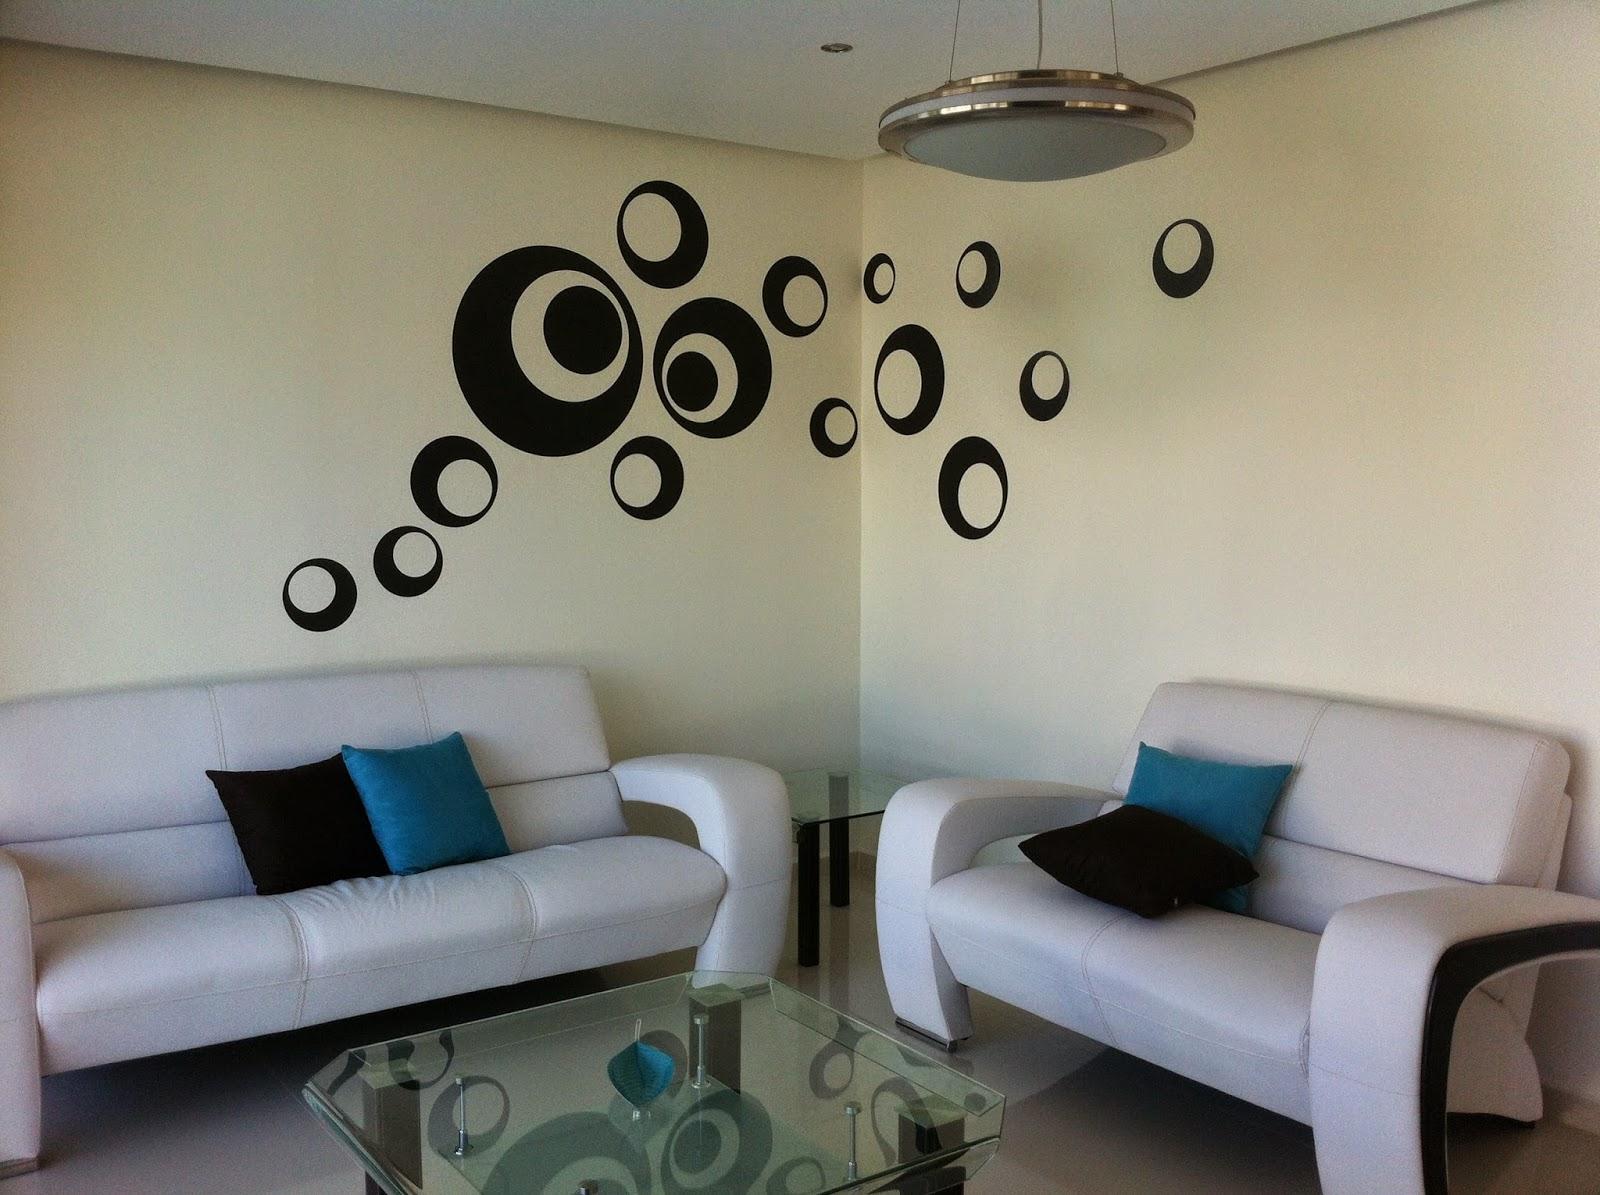 Vinilos decorativos y m s for Adornos decorativos para sala